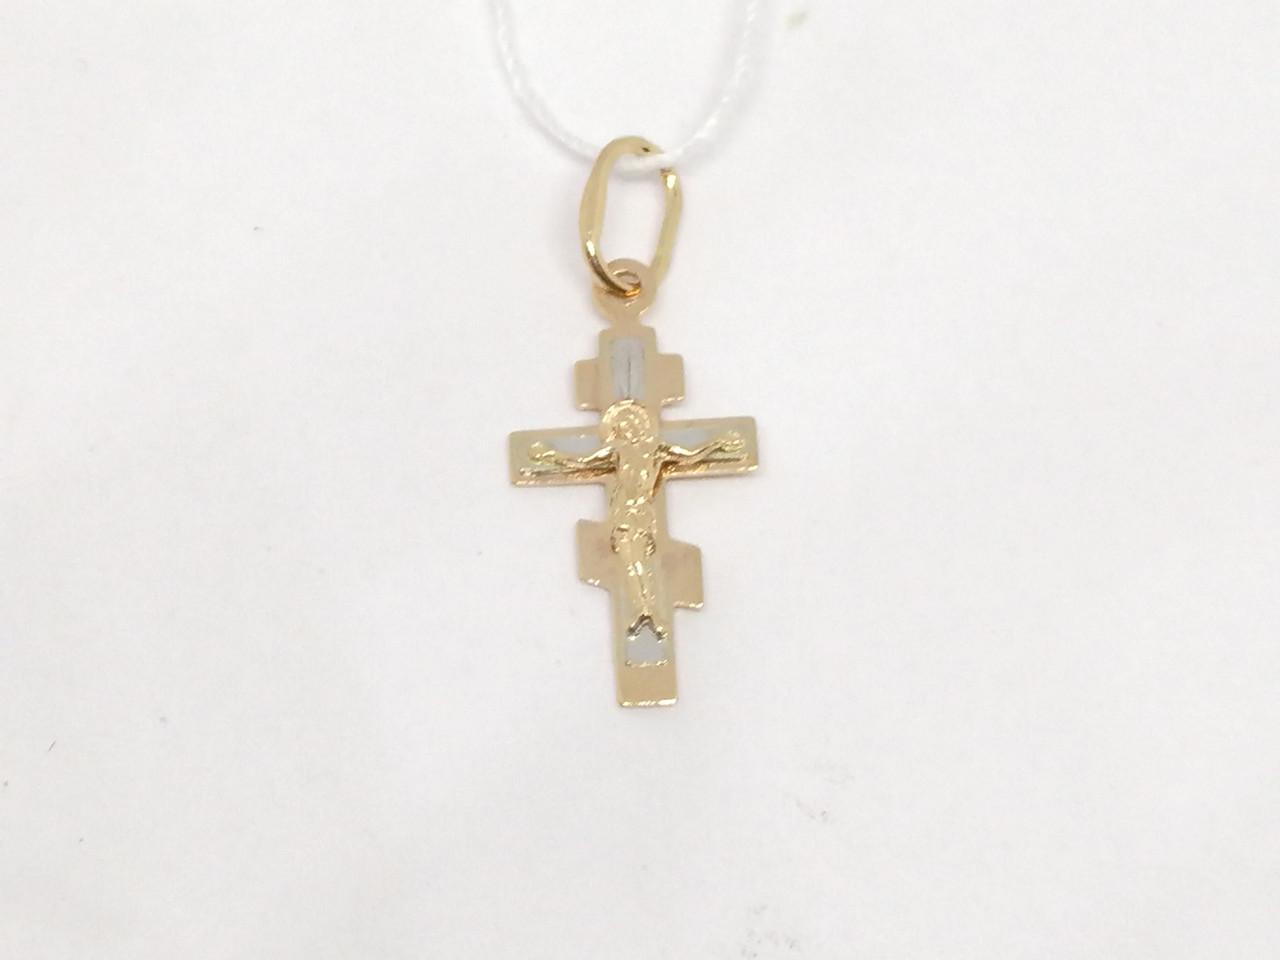 Золотой крестик. Распятие Христа. Артикул 529600